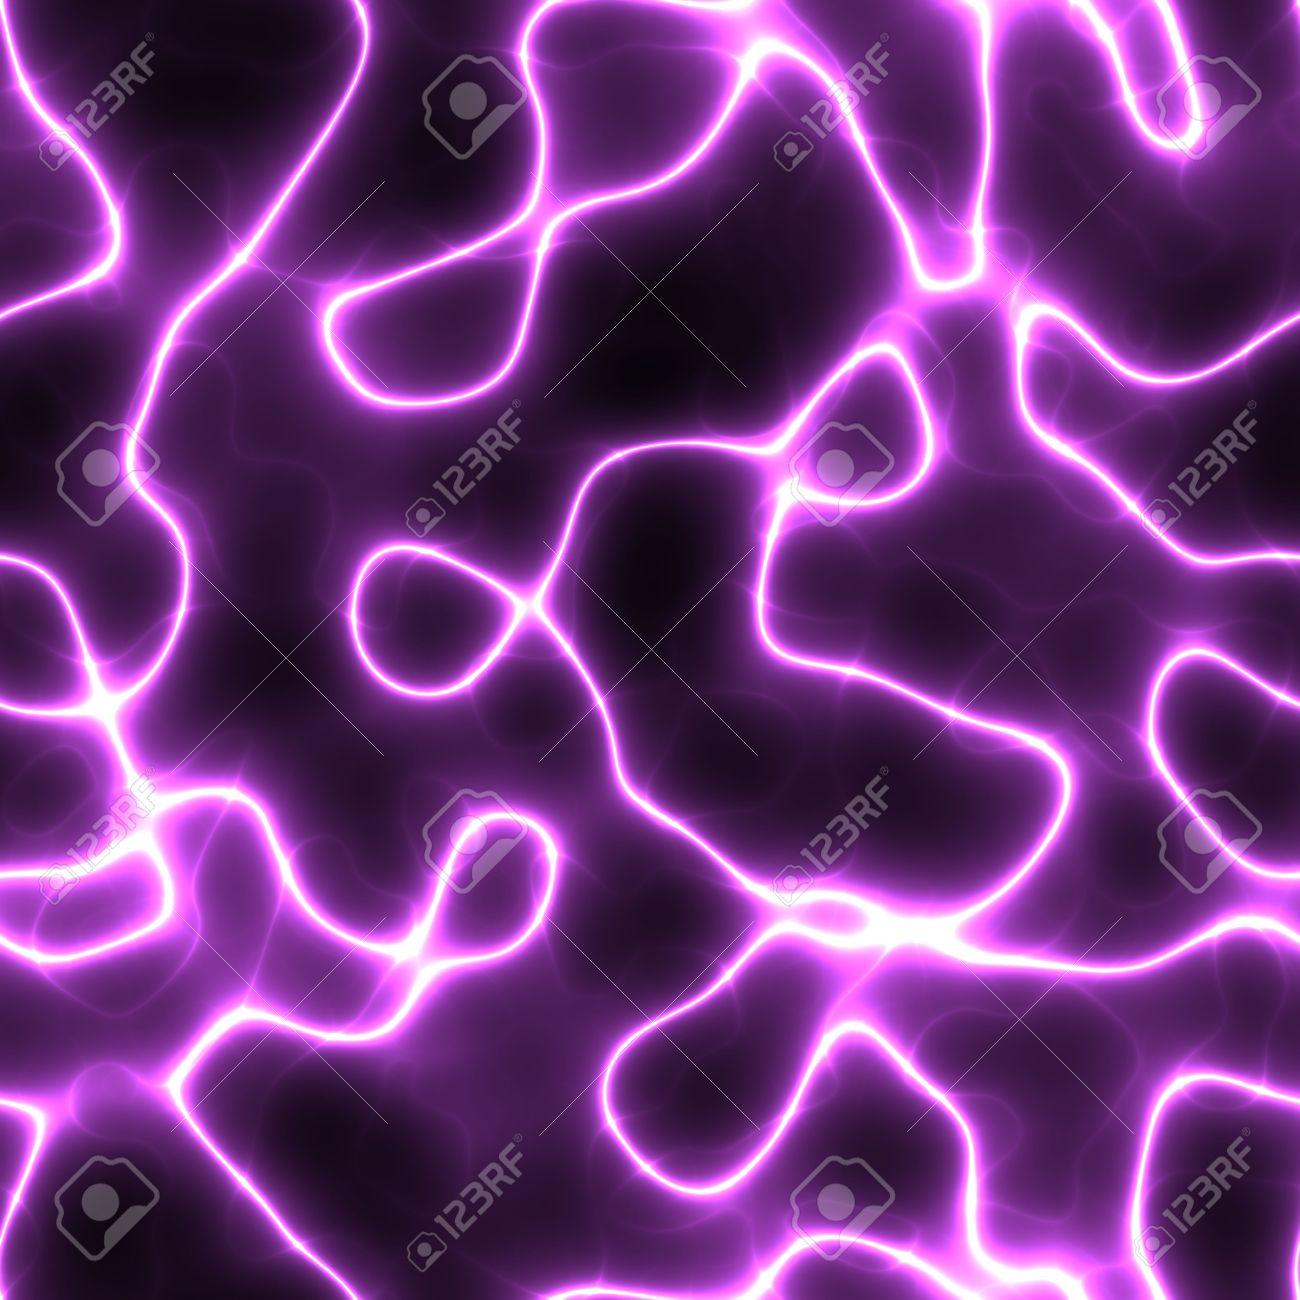 波状の流れる電気の稲妻の抽象的な壁紙イラスト の写真素材 画像素材